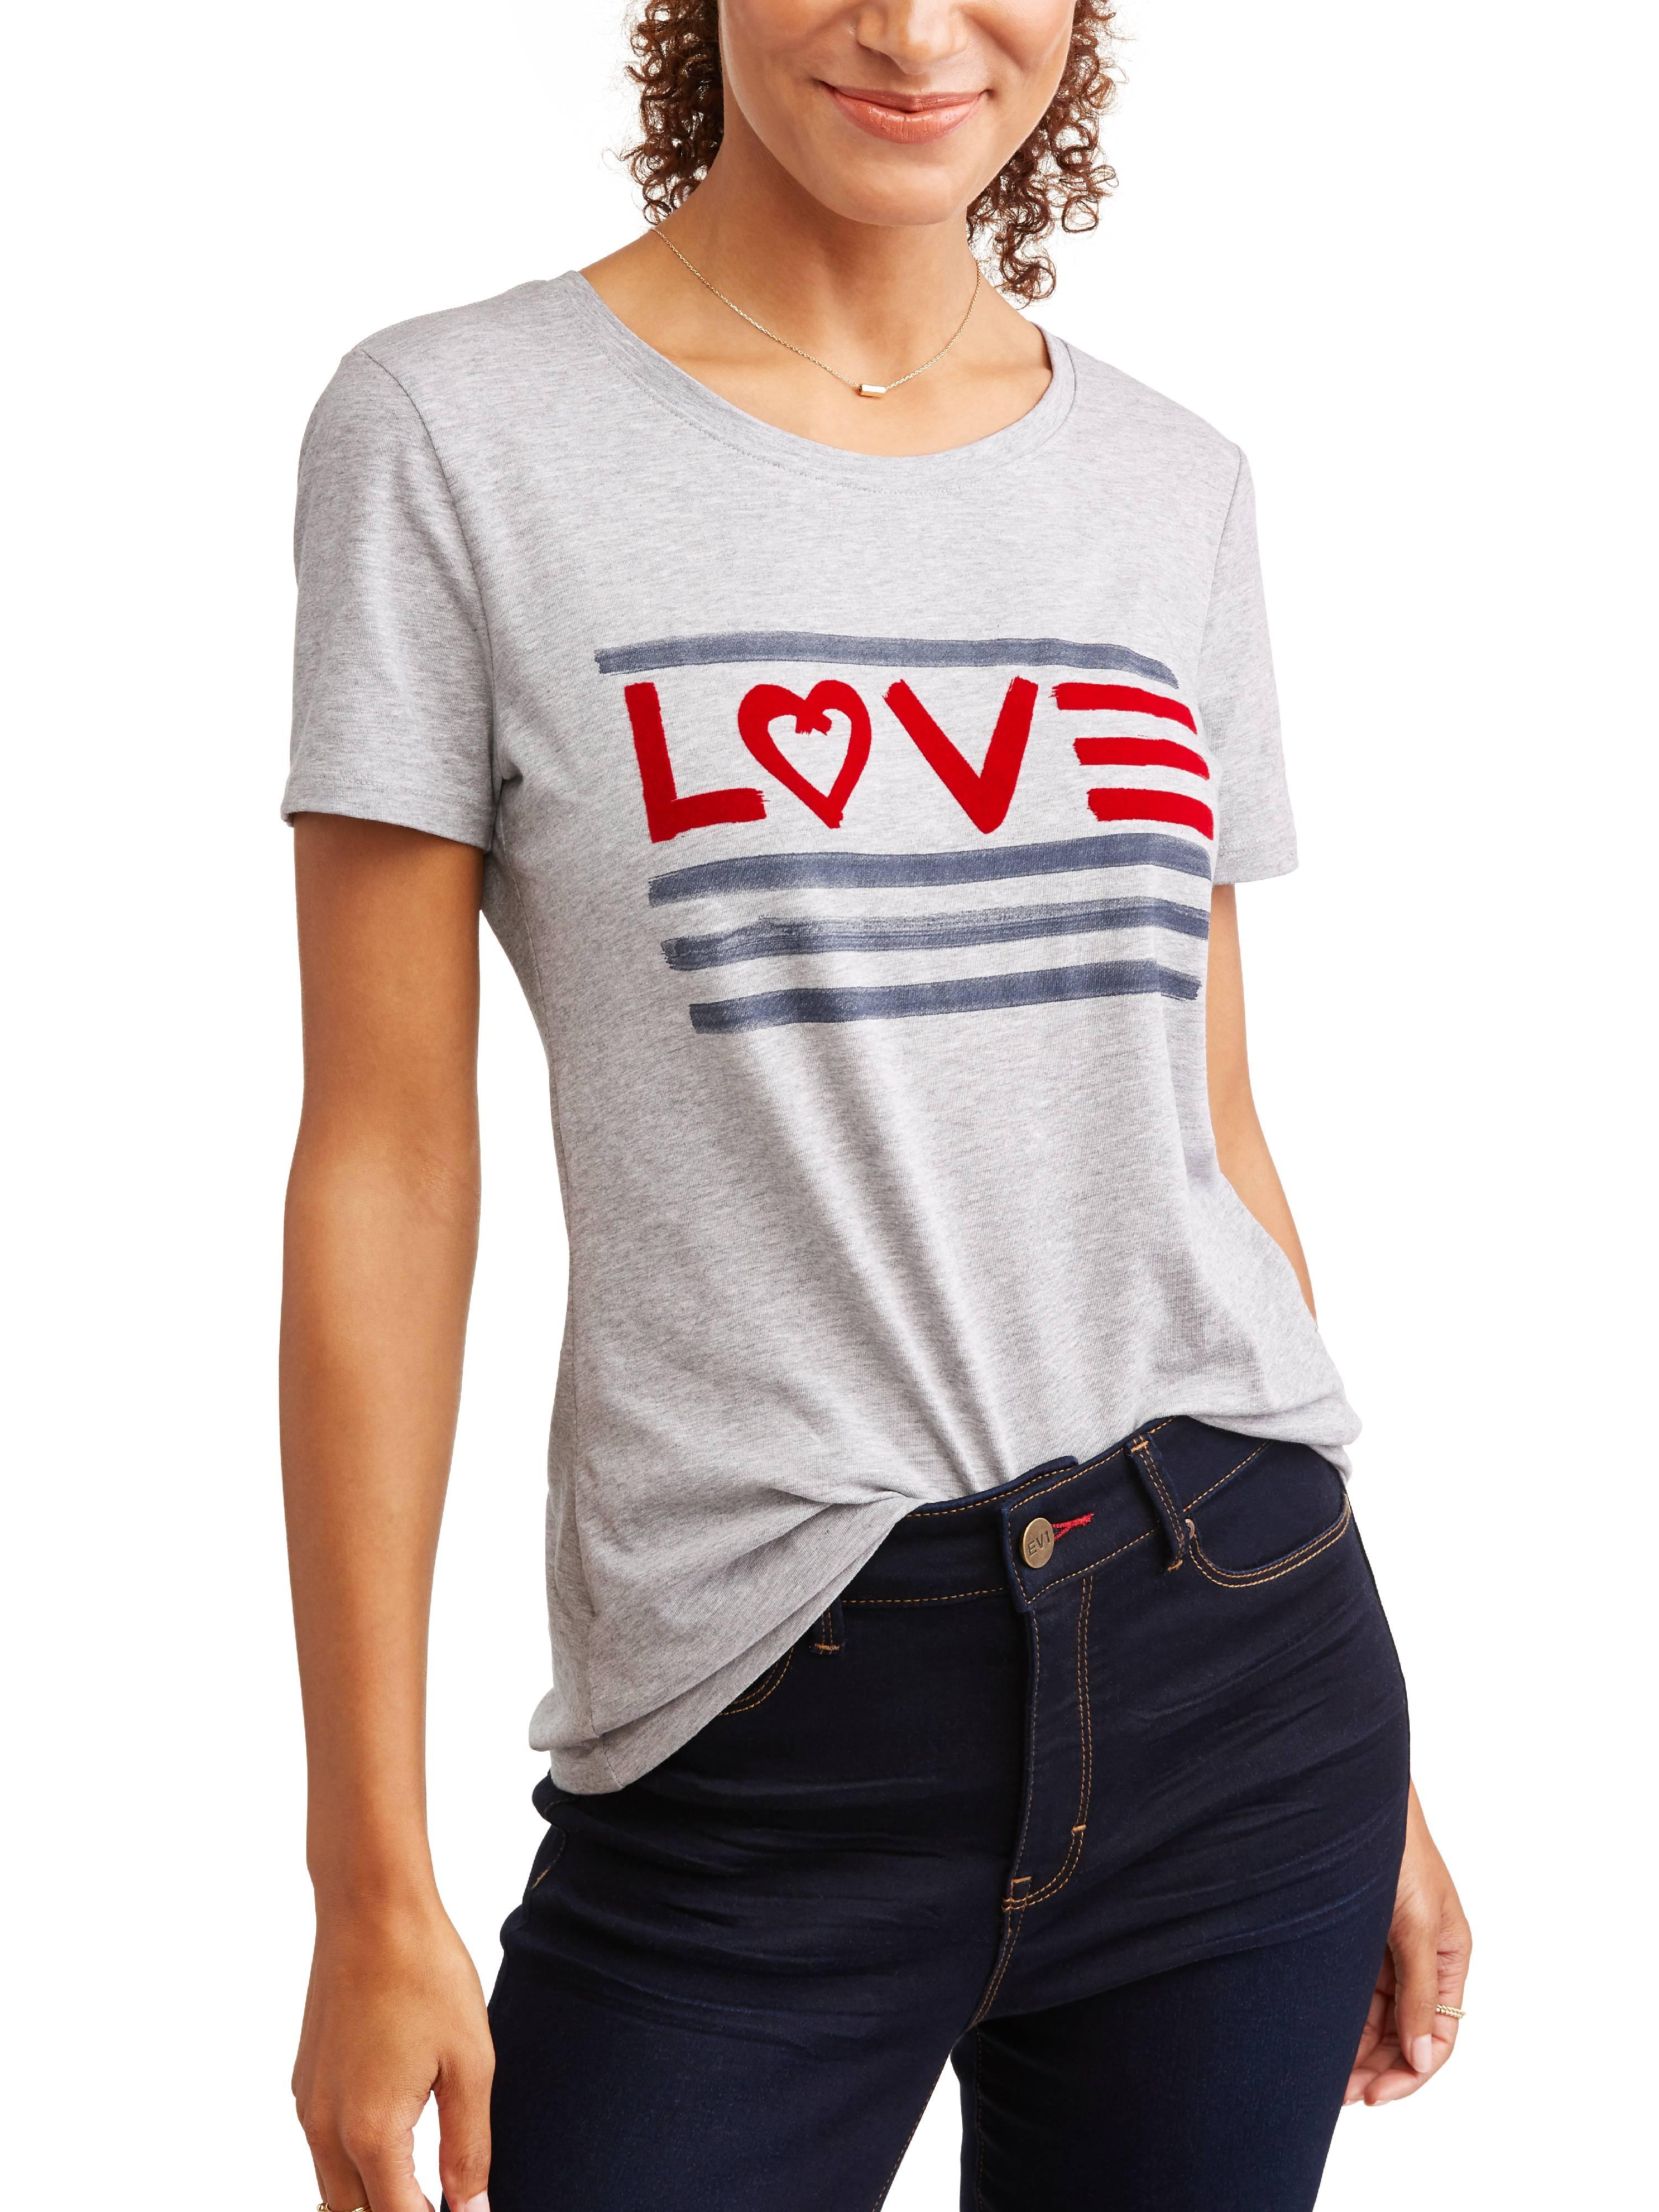 Love Flag Crew Neck Graphic Tee Women's